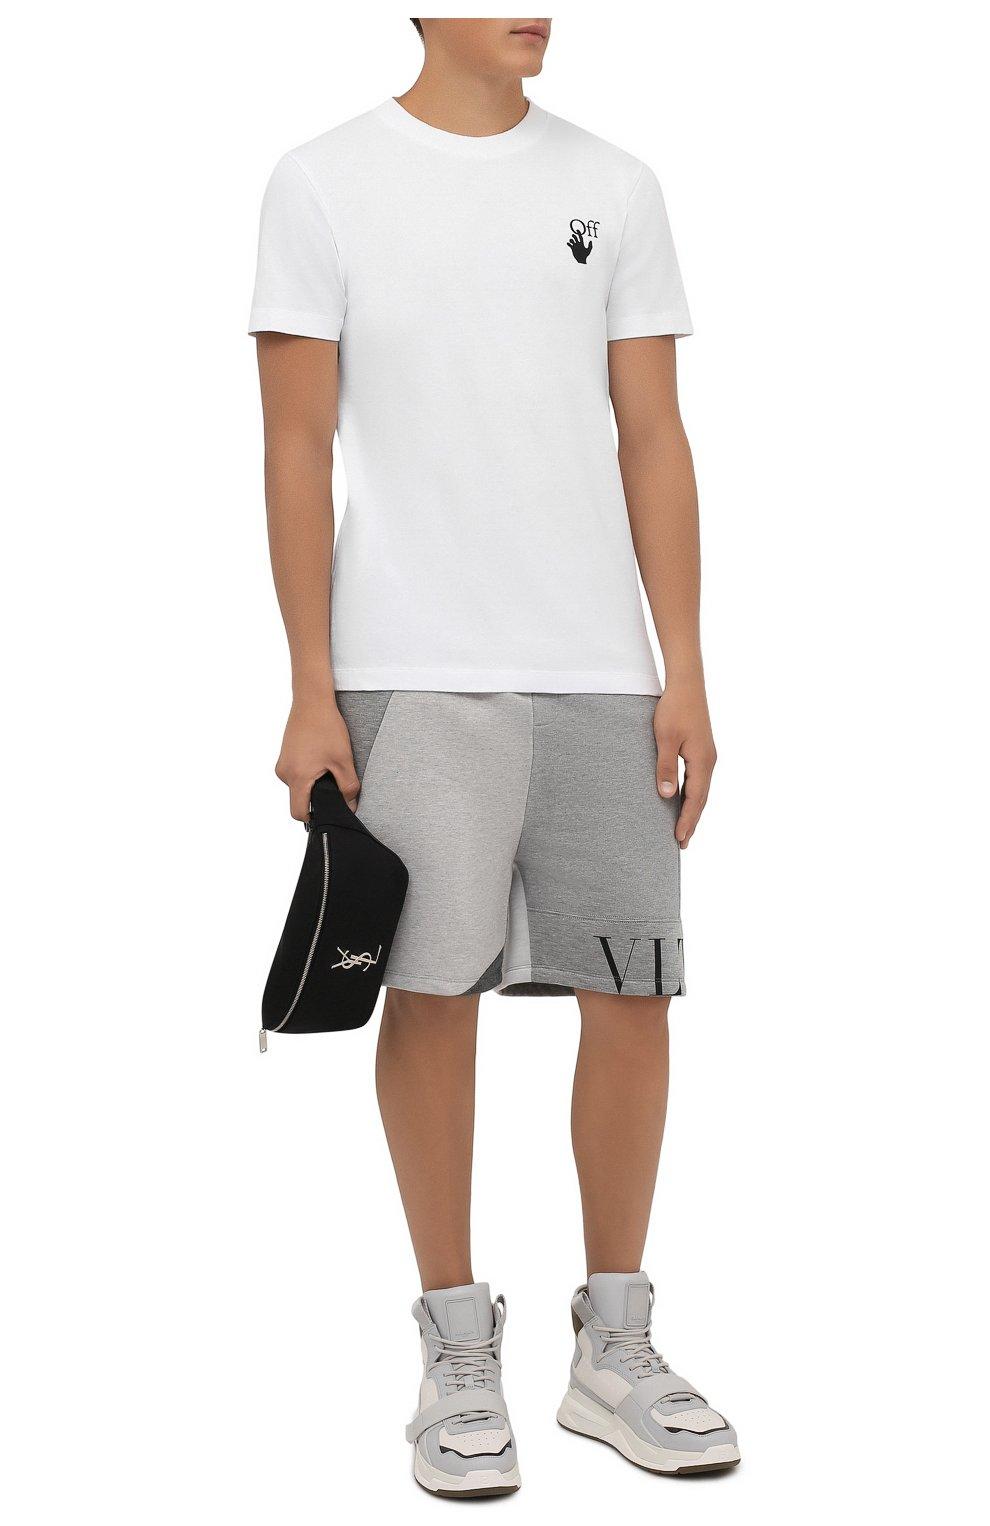 Мужские шорты VALENTINO светло-серого цвета, арт. WV3MD02Y7CV   Фото 2 (Длина Шорты М: До колена; Материал внешний: Синтетический материал; Принт: С принтом; Кросс-КТ: Трикотаж; Стили: Спорт-шик)